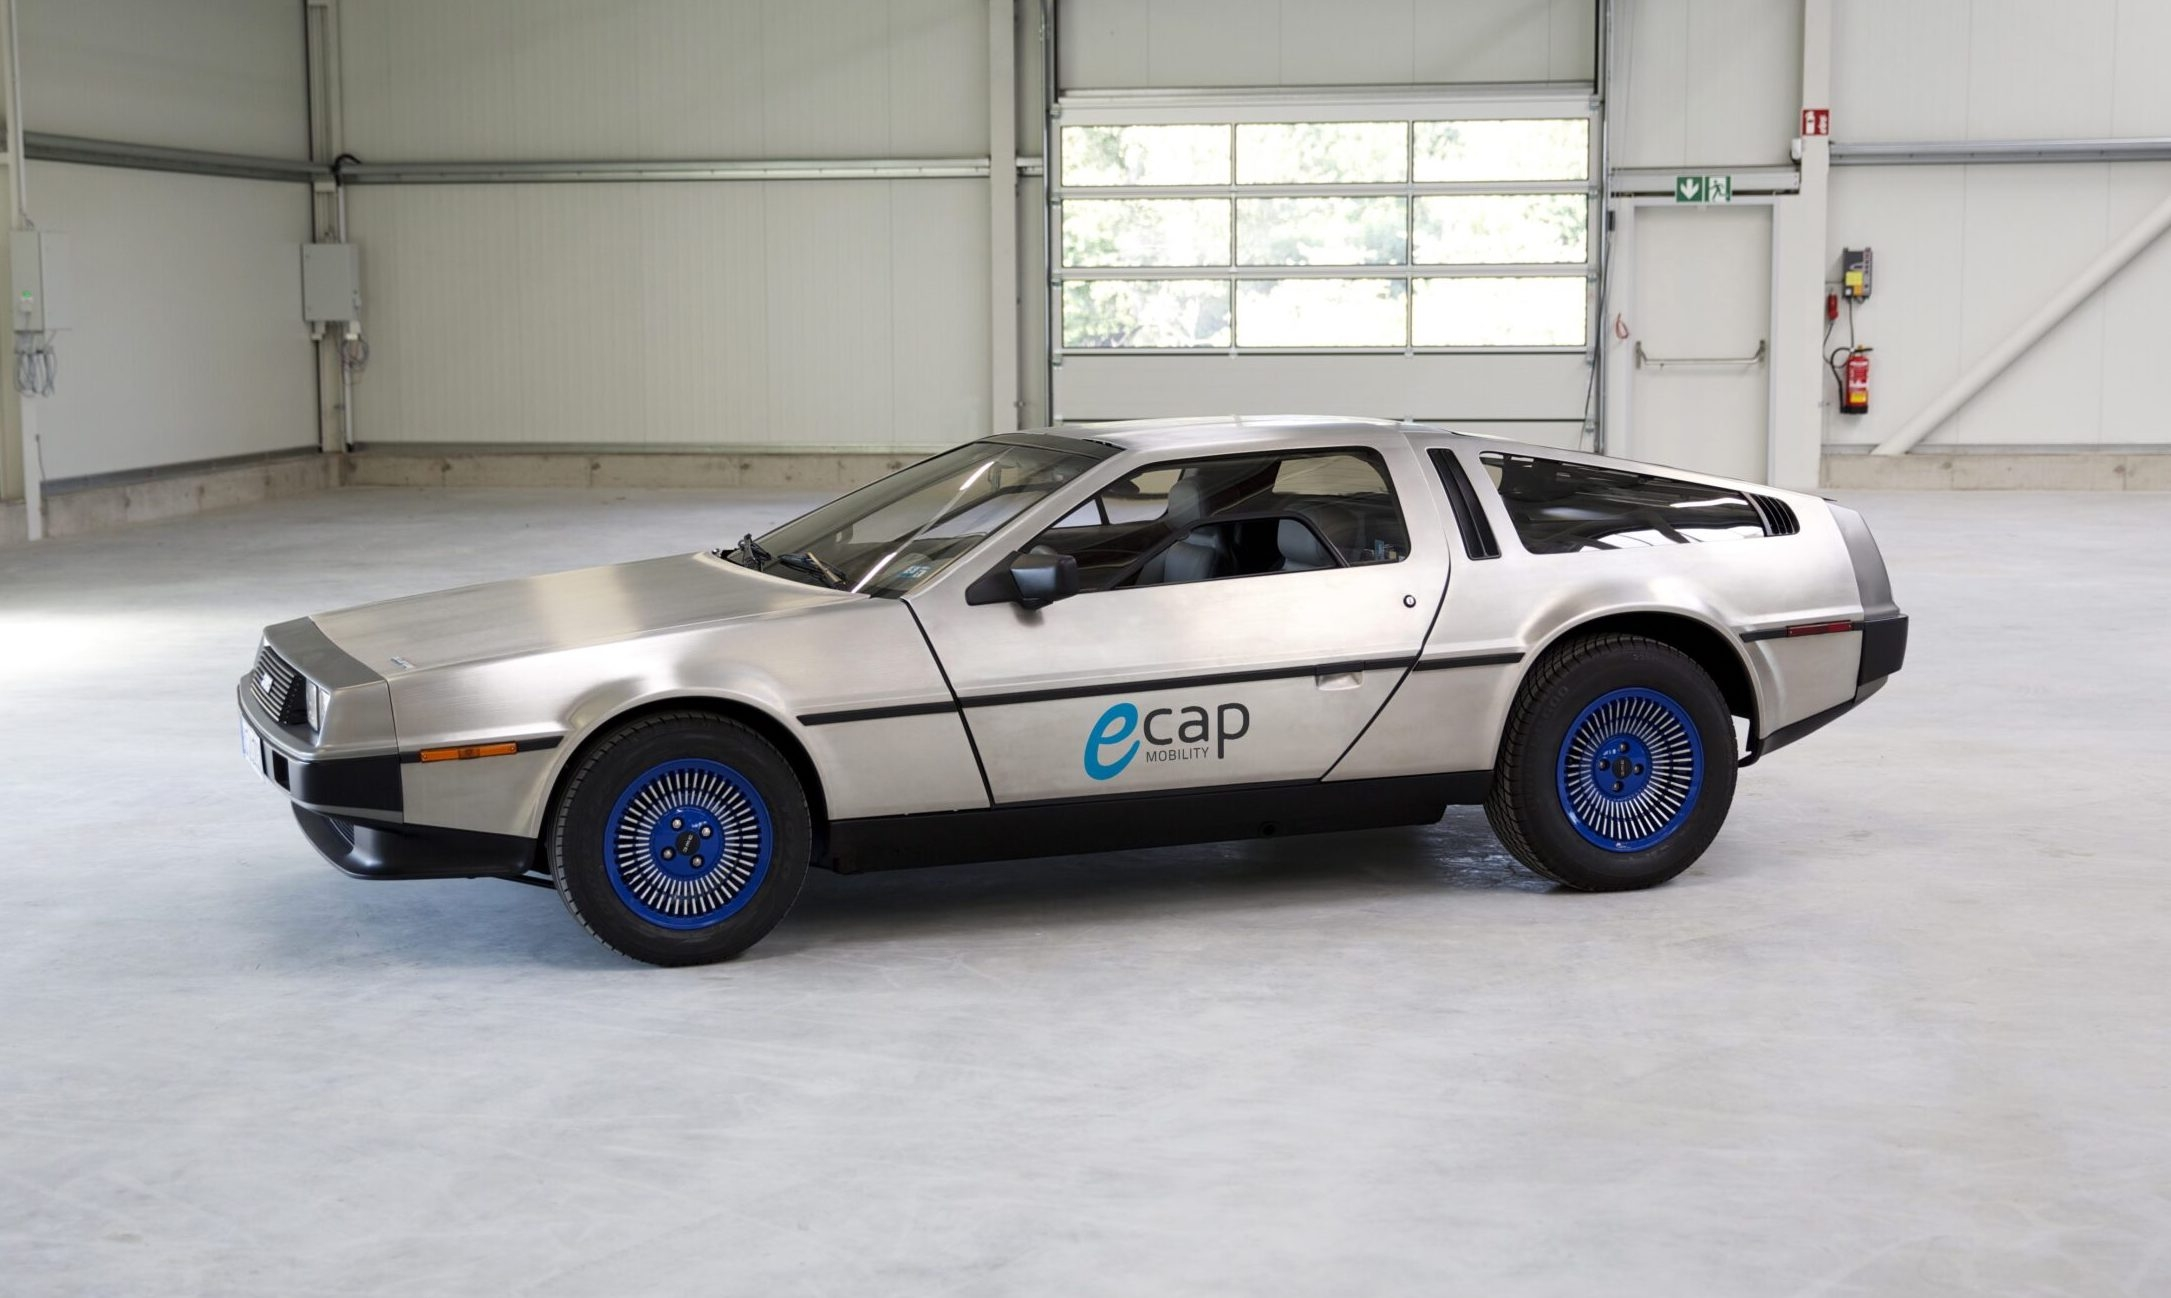 MOTORI - La DeLorean alla spina